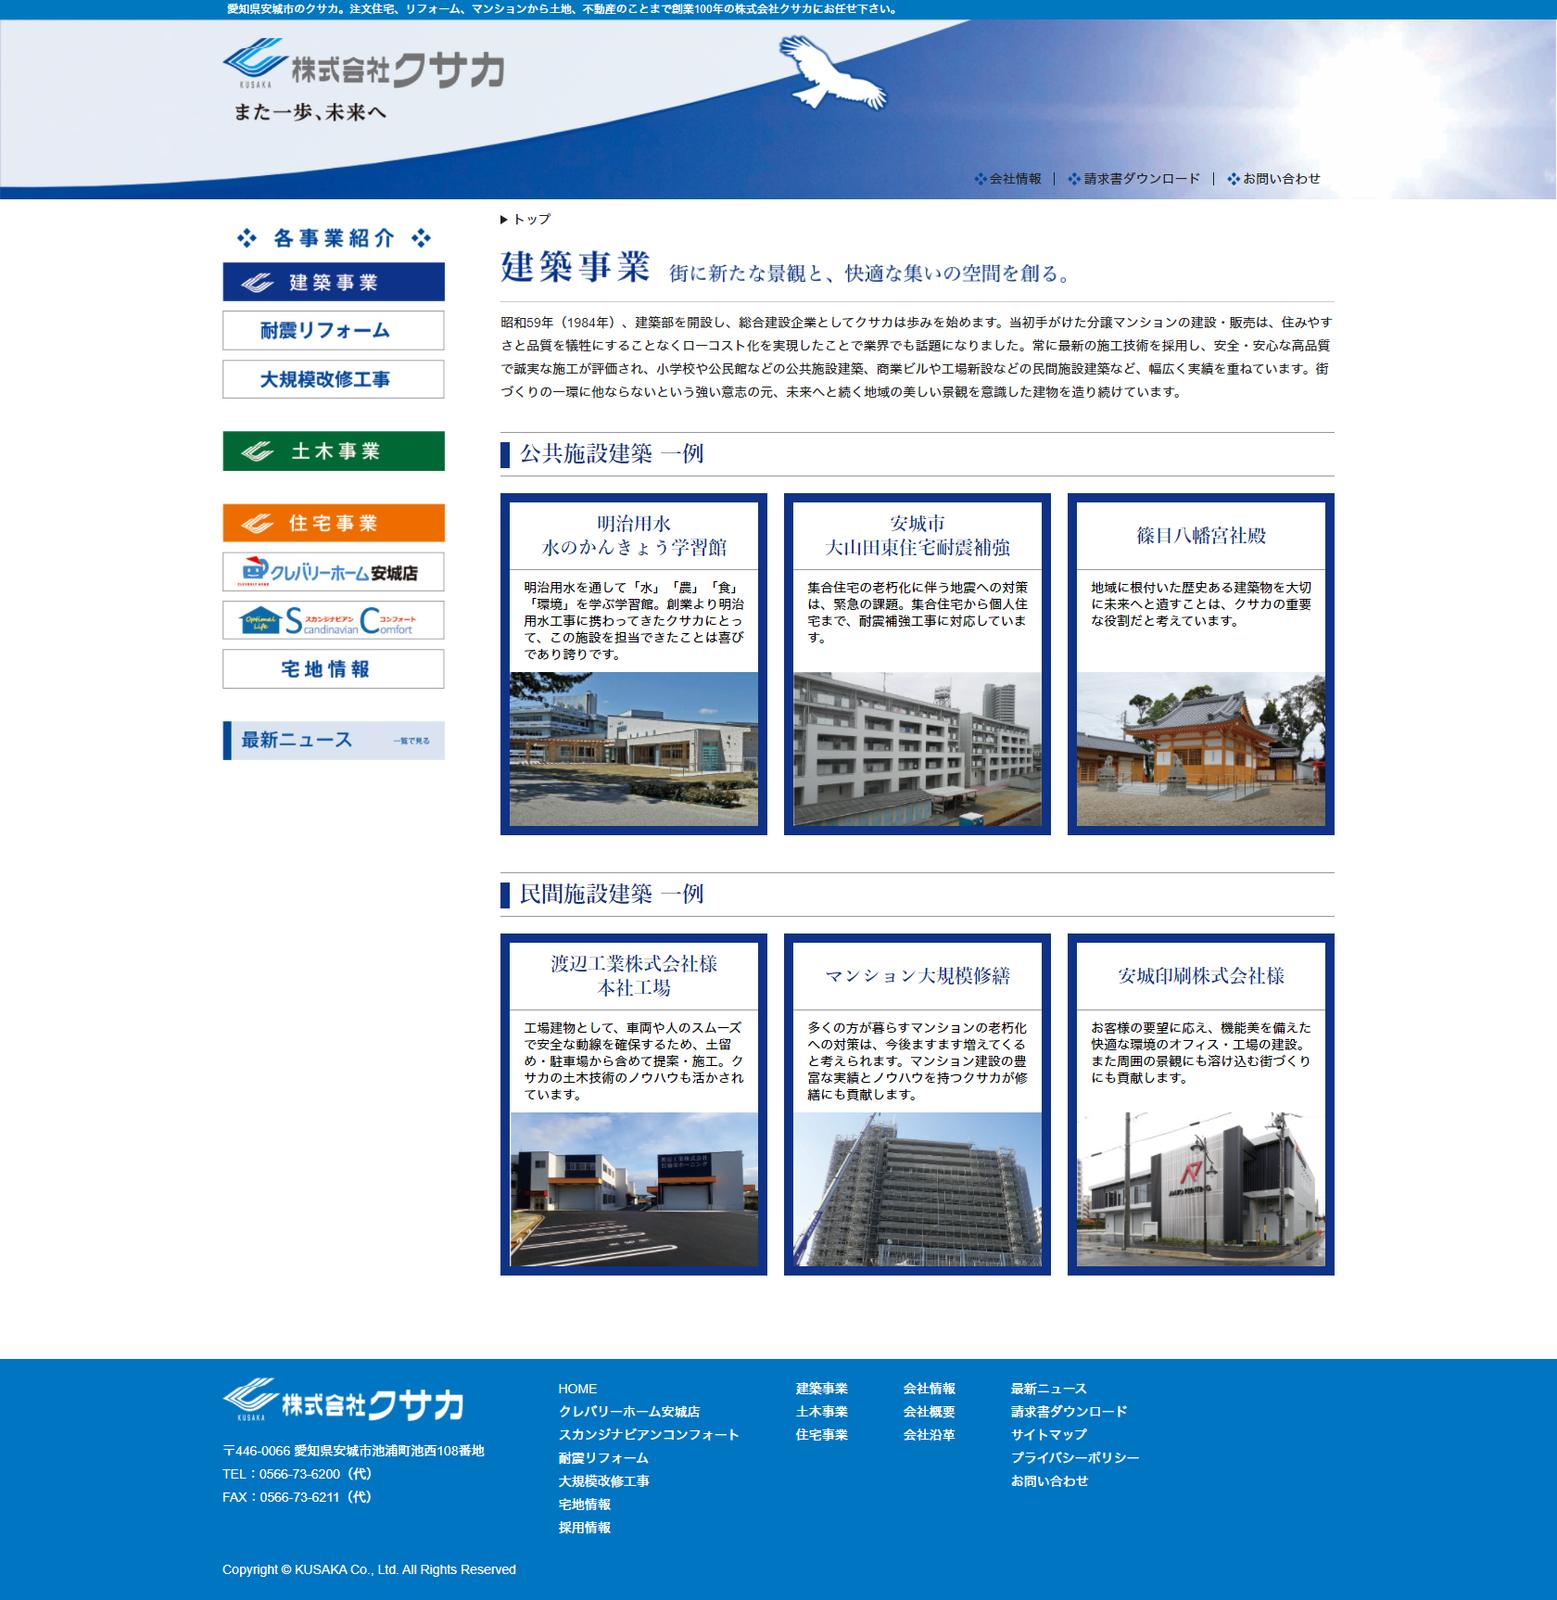 株式会社クサカ様  WEB サイト